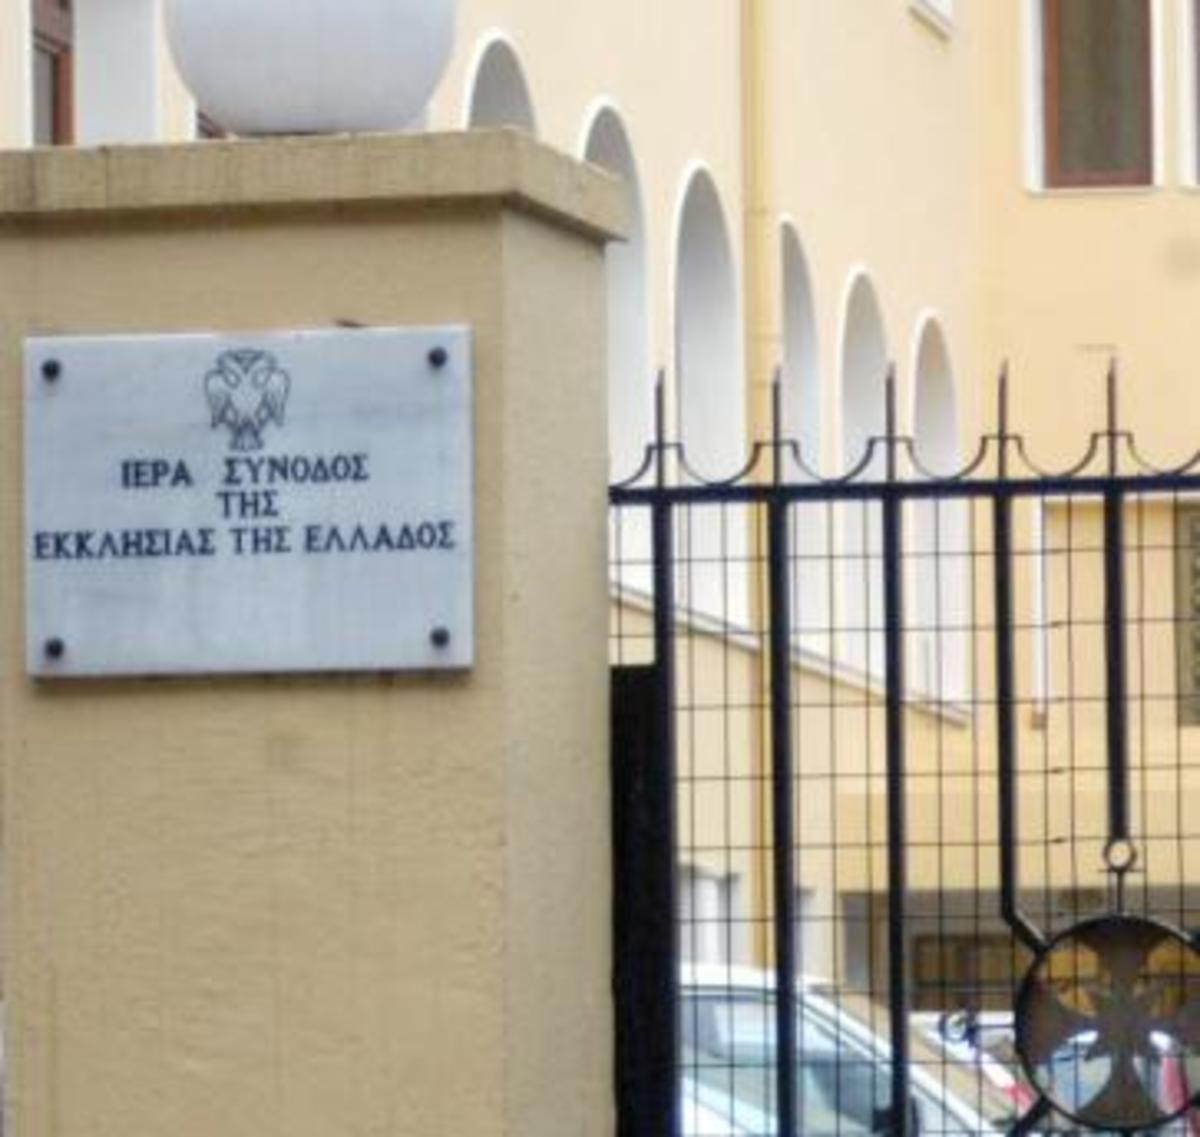 Παρέμβαση εισαγγελέα για την περιουσία του Μητροπολίτη Νίκαιας   Newsit.gr